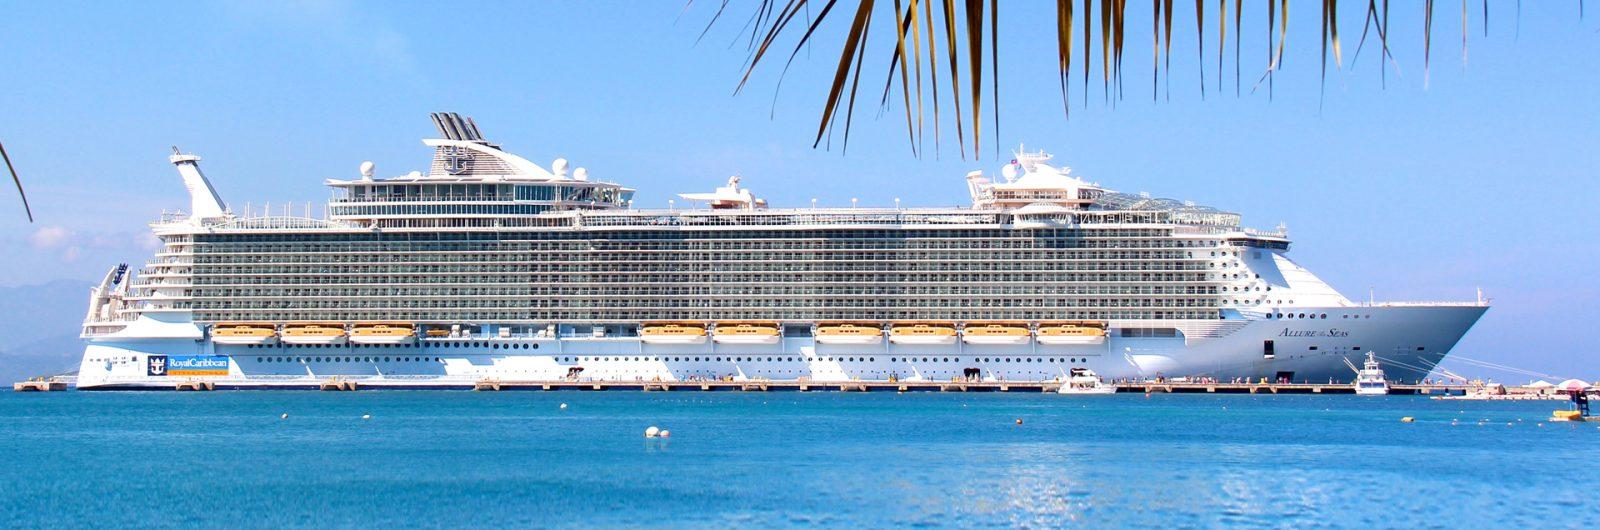 Allure Caribbean Cruise